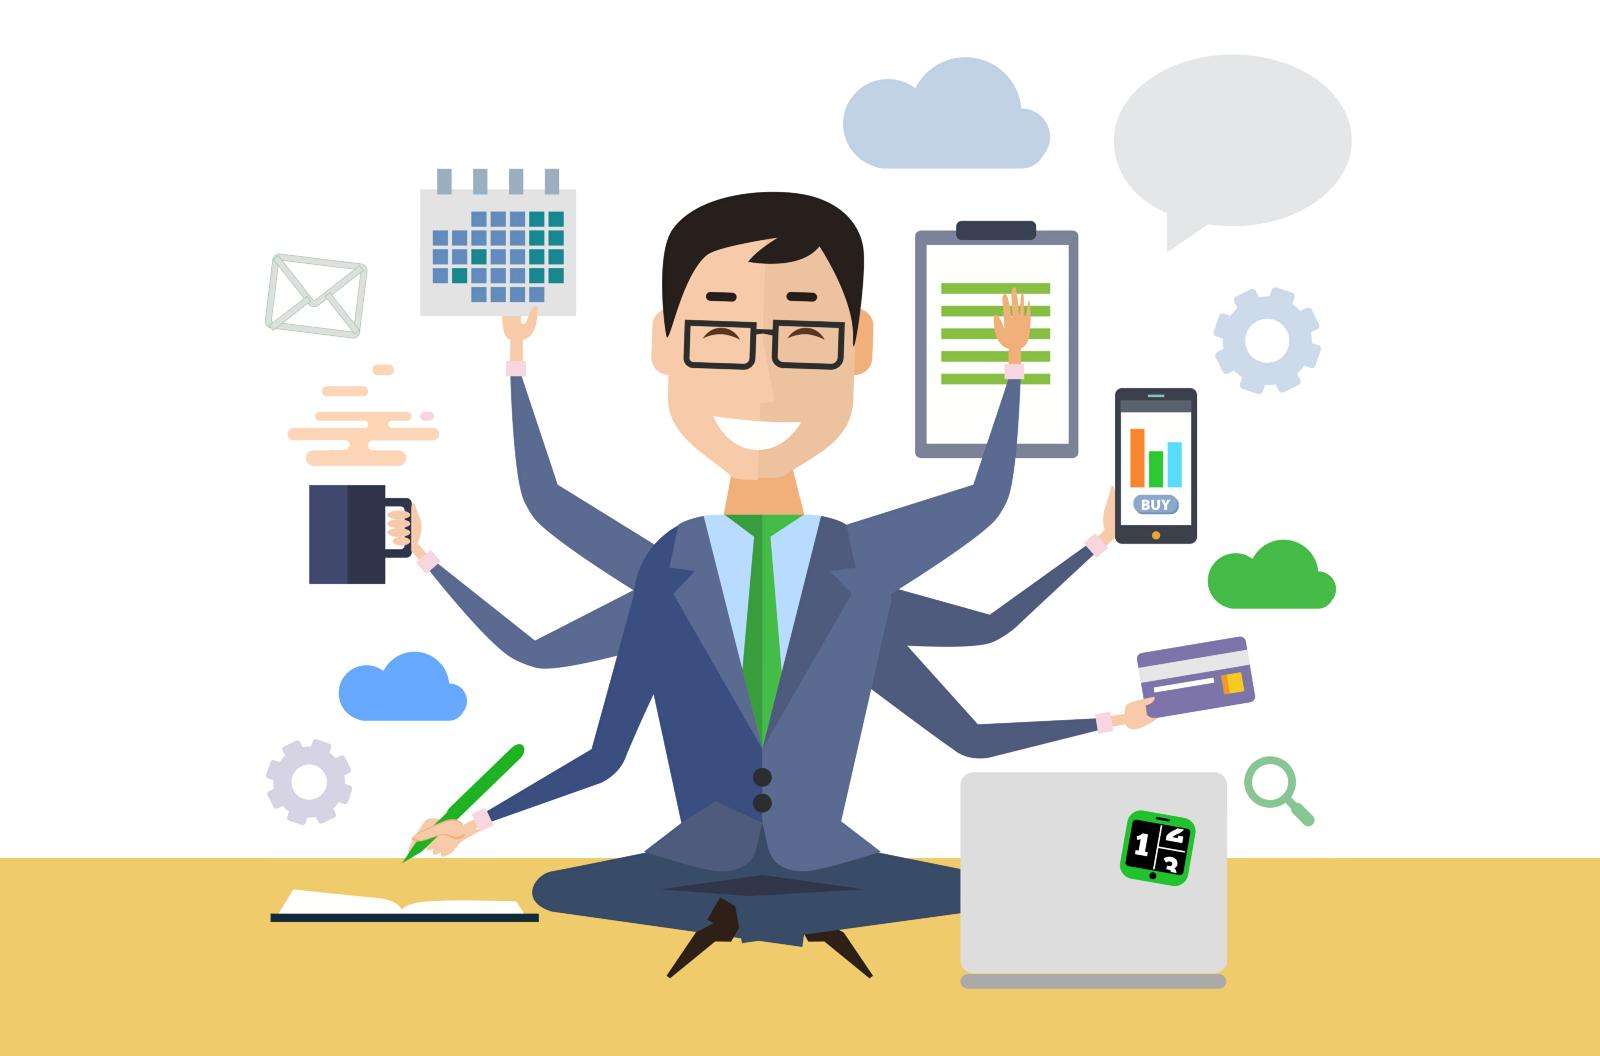 Những công việc trong ngành Công nghệ phần mềm